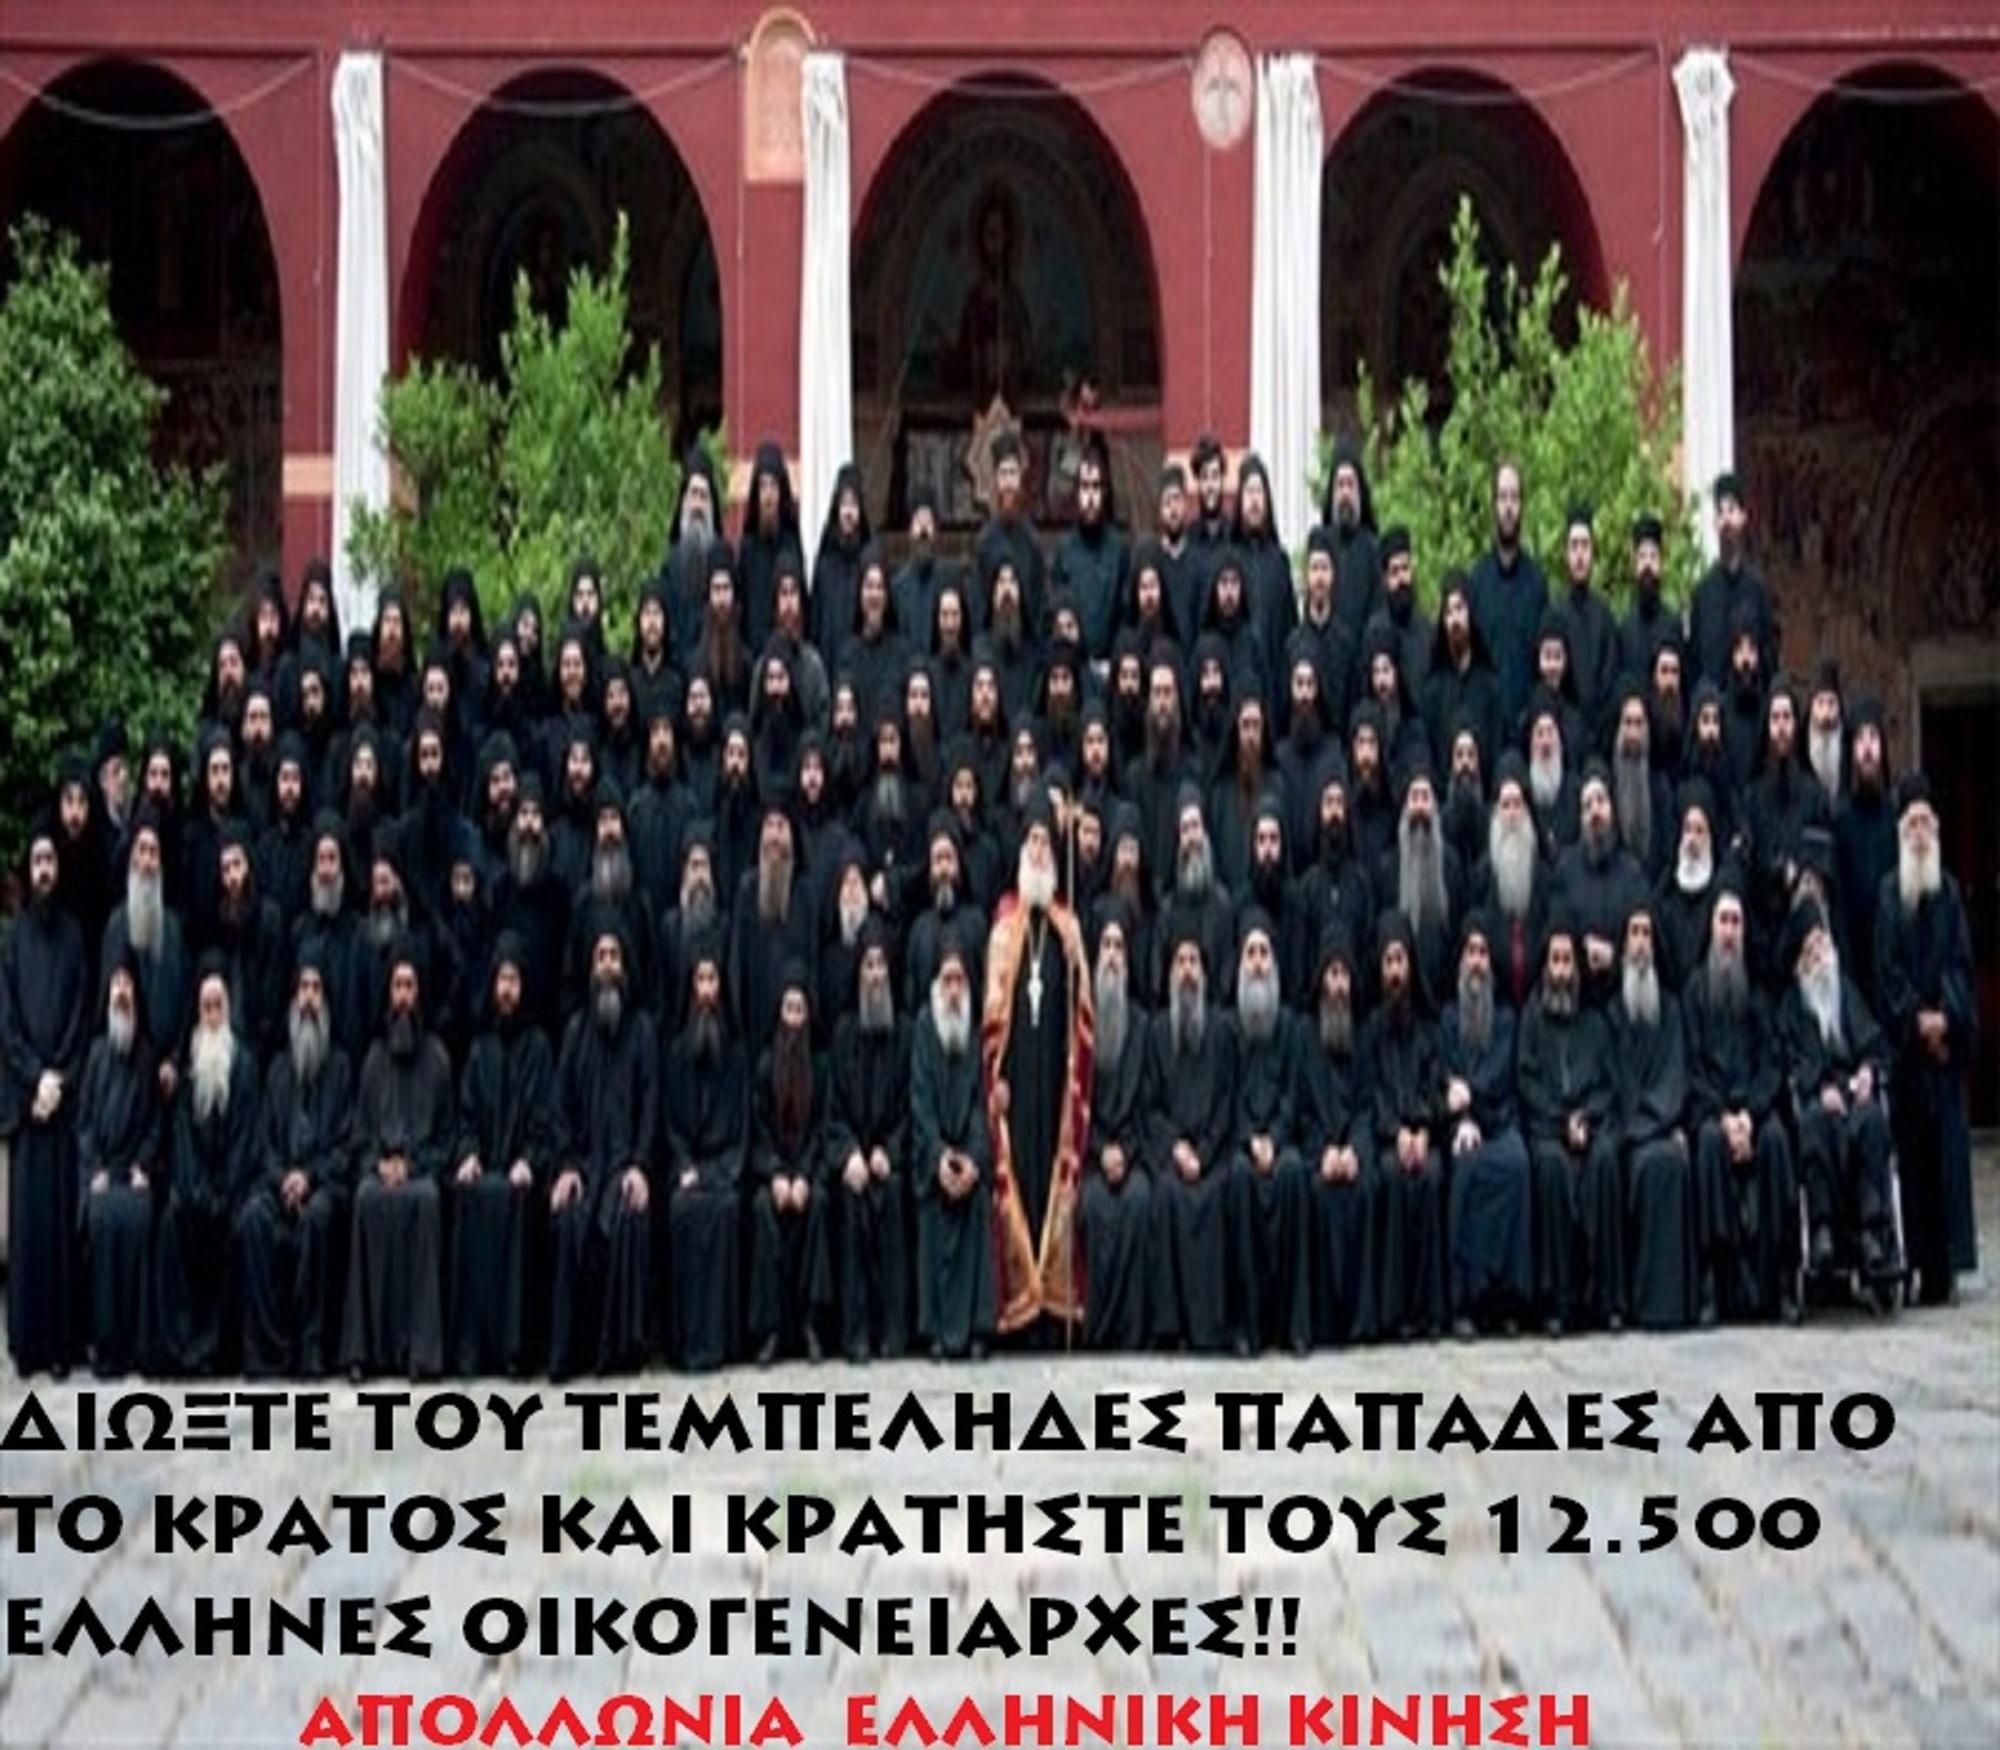 Ὄξω οἱ ἐκπαιδευτικοί, μέσα τὸ παπαδαριό!!!2